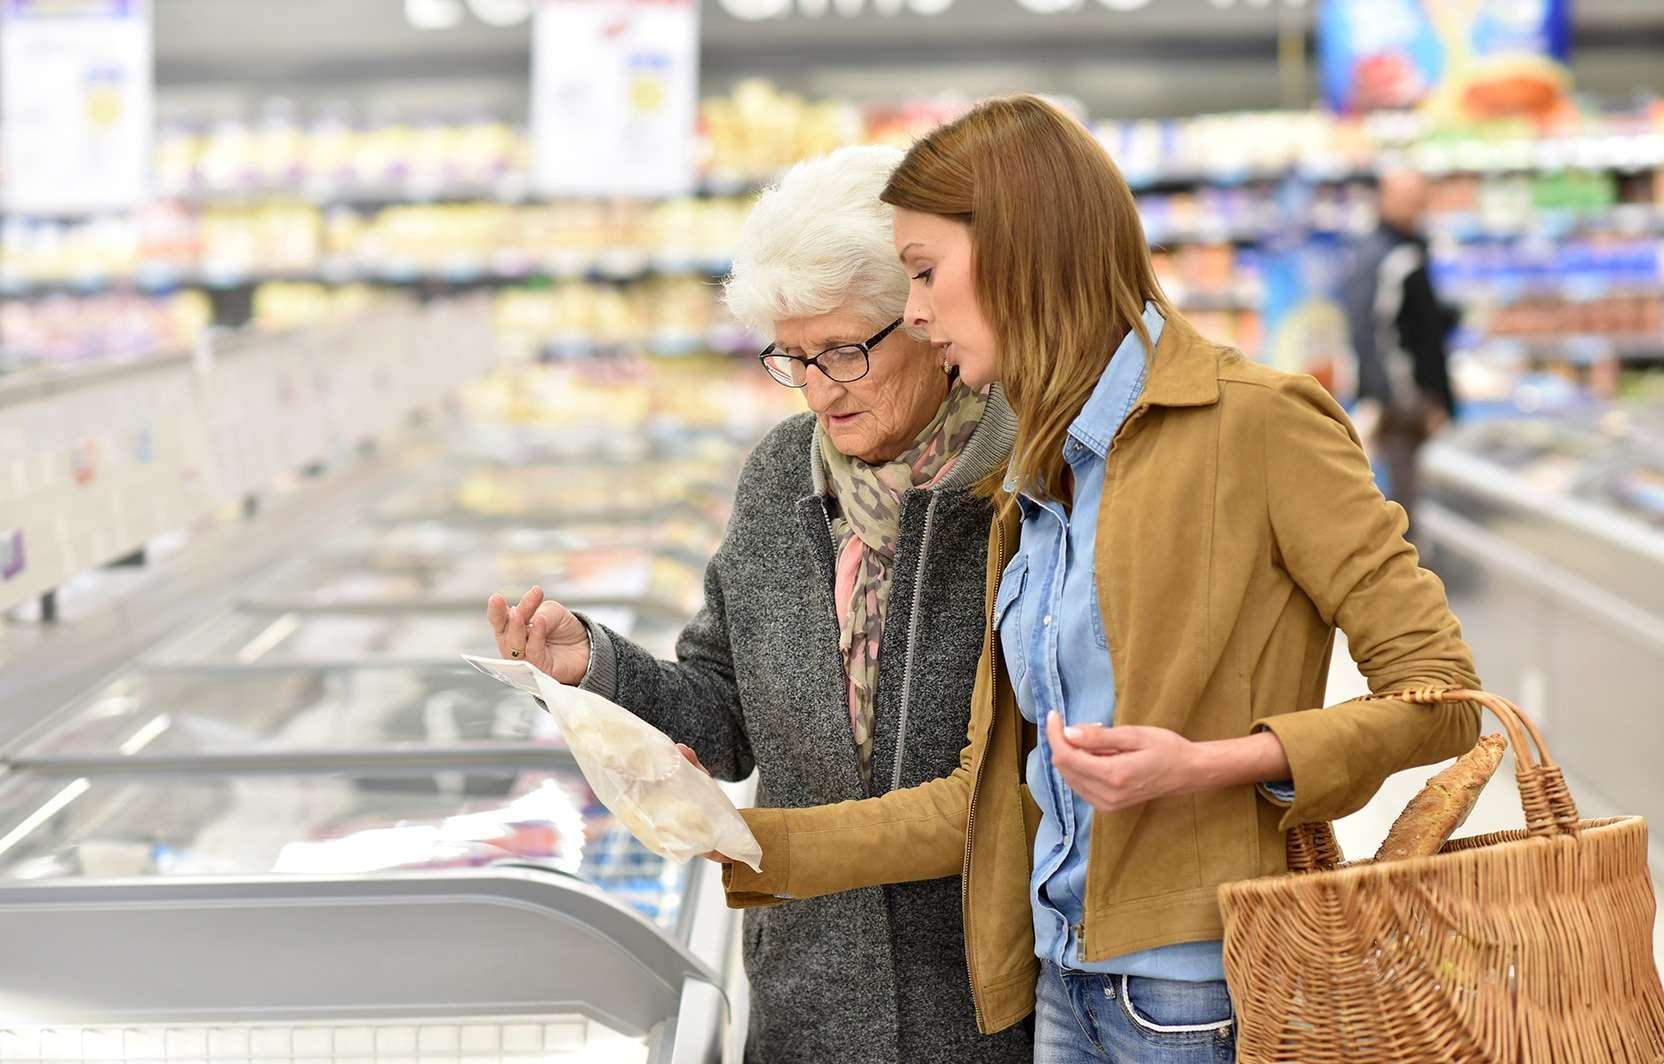 Hilfe beim Einkauf oder gemeinsames Einkaufen.